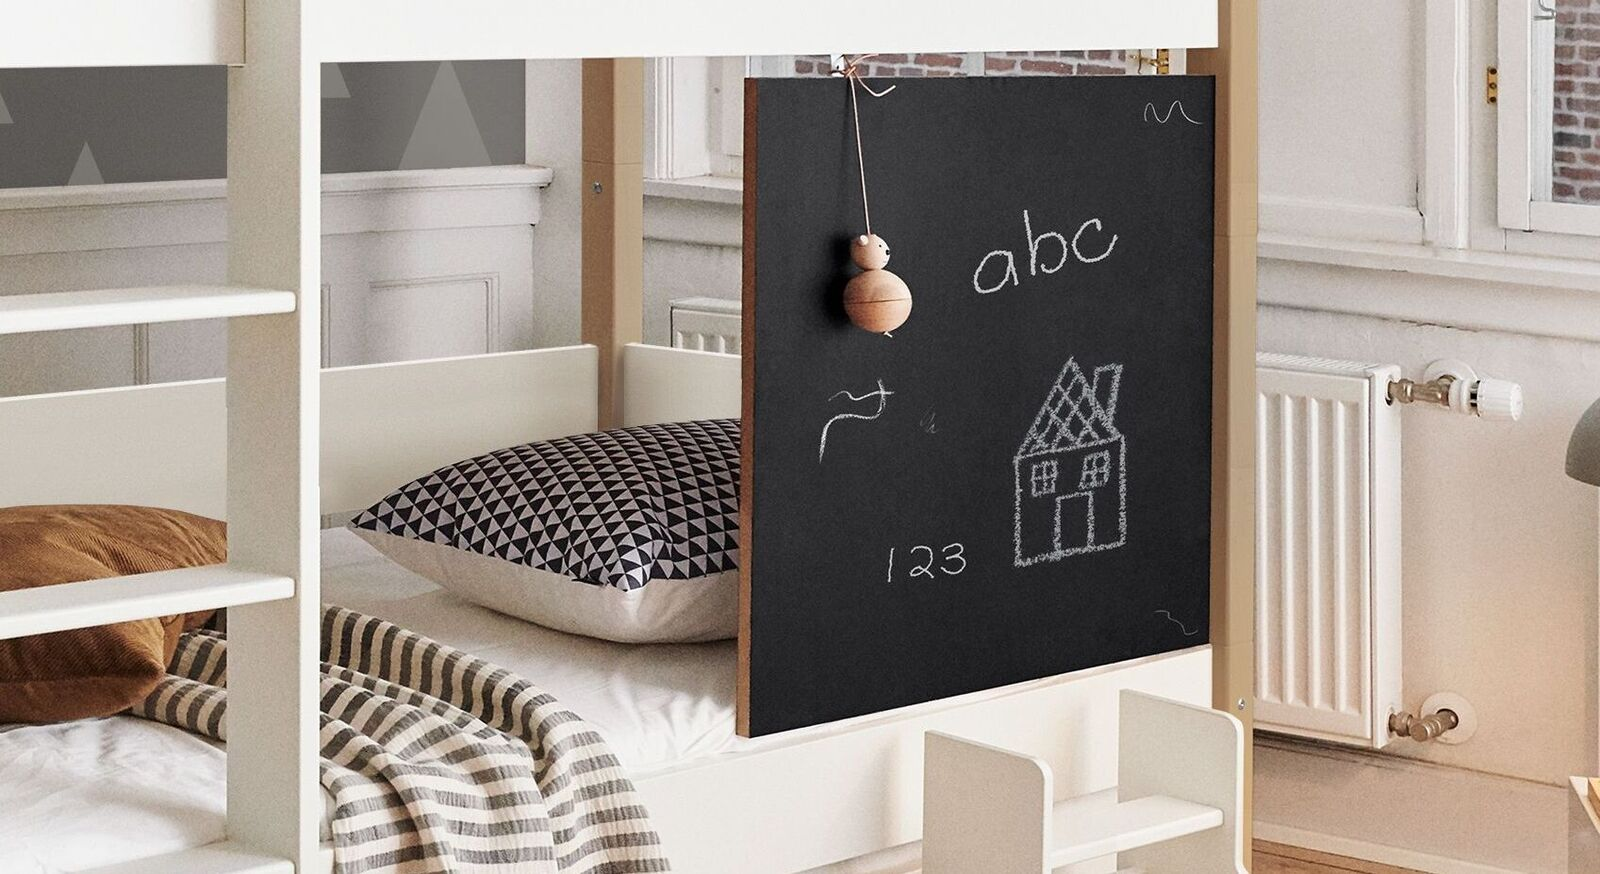 Etagenbett Kids Town mit abwischbarer quadratischer Tafel